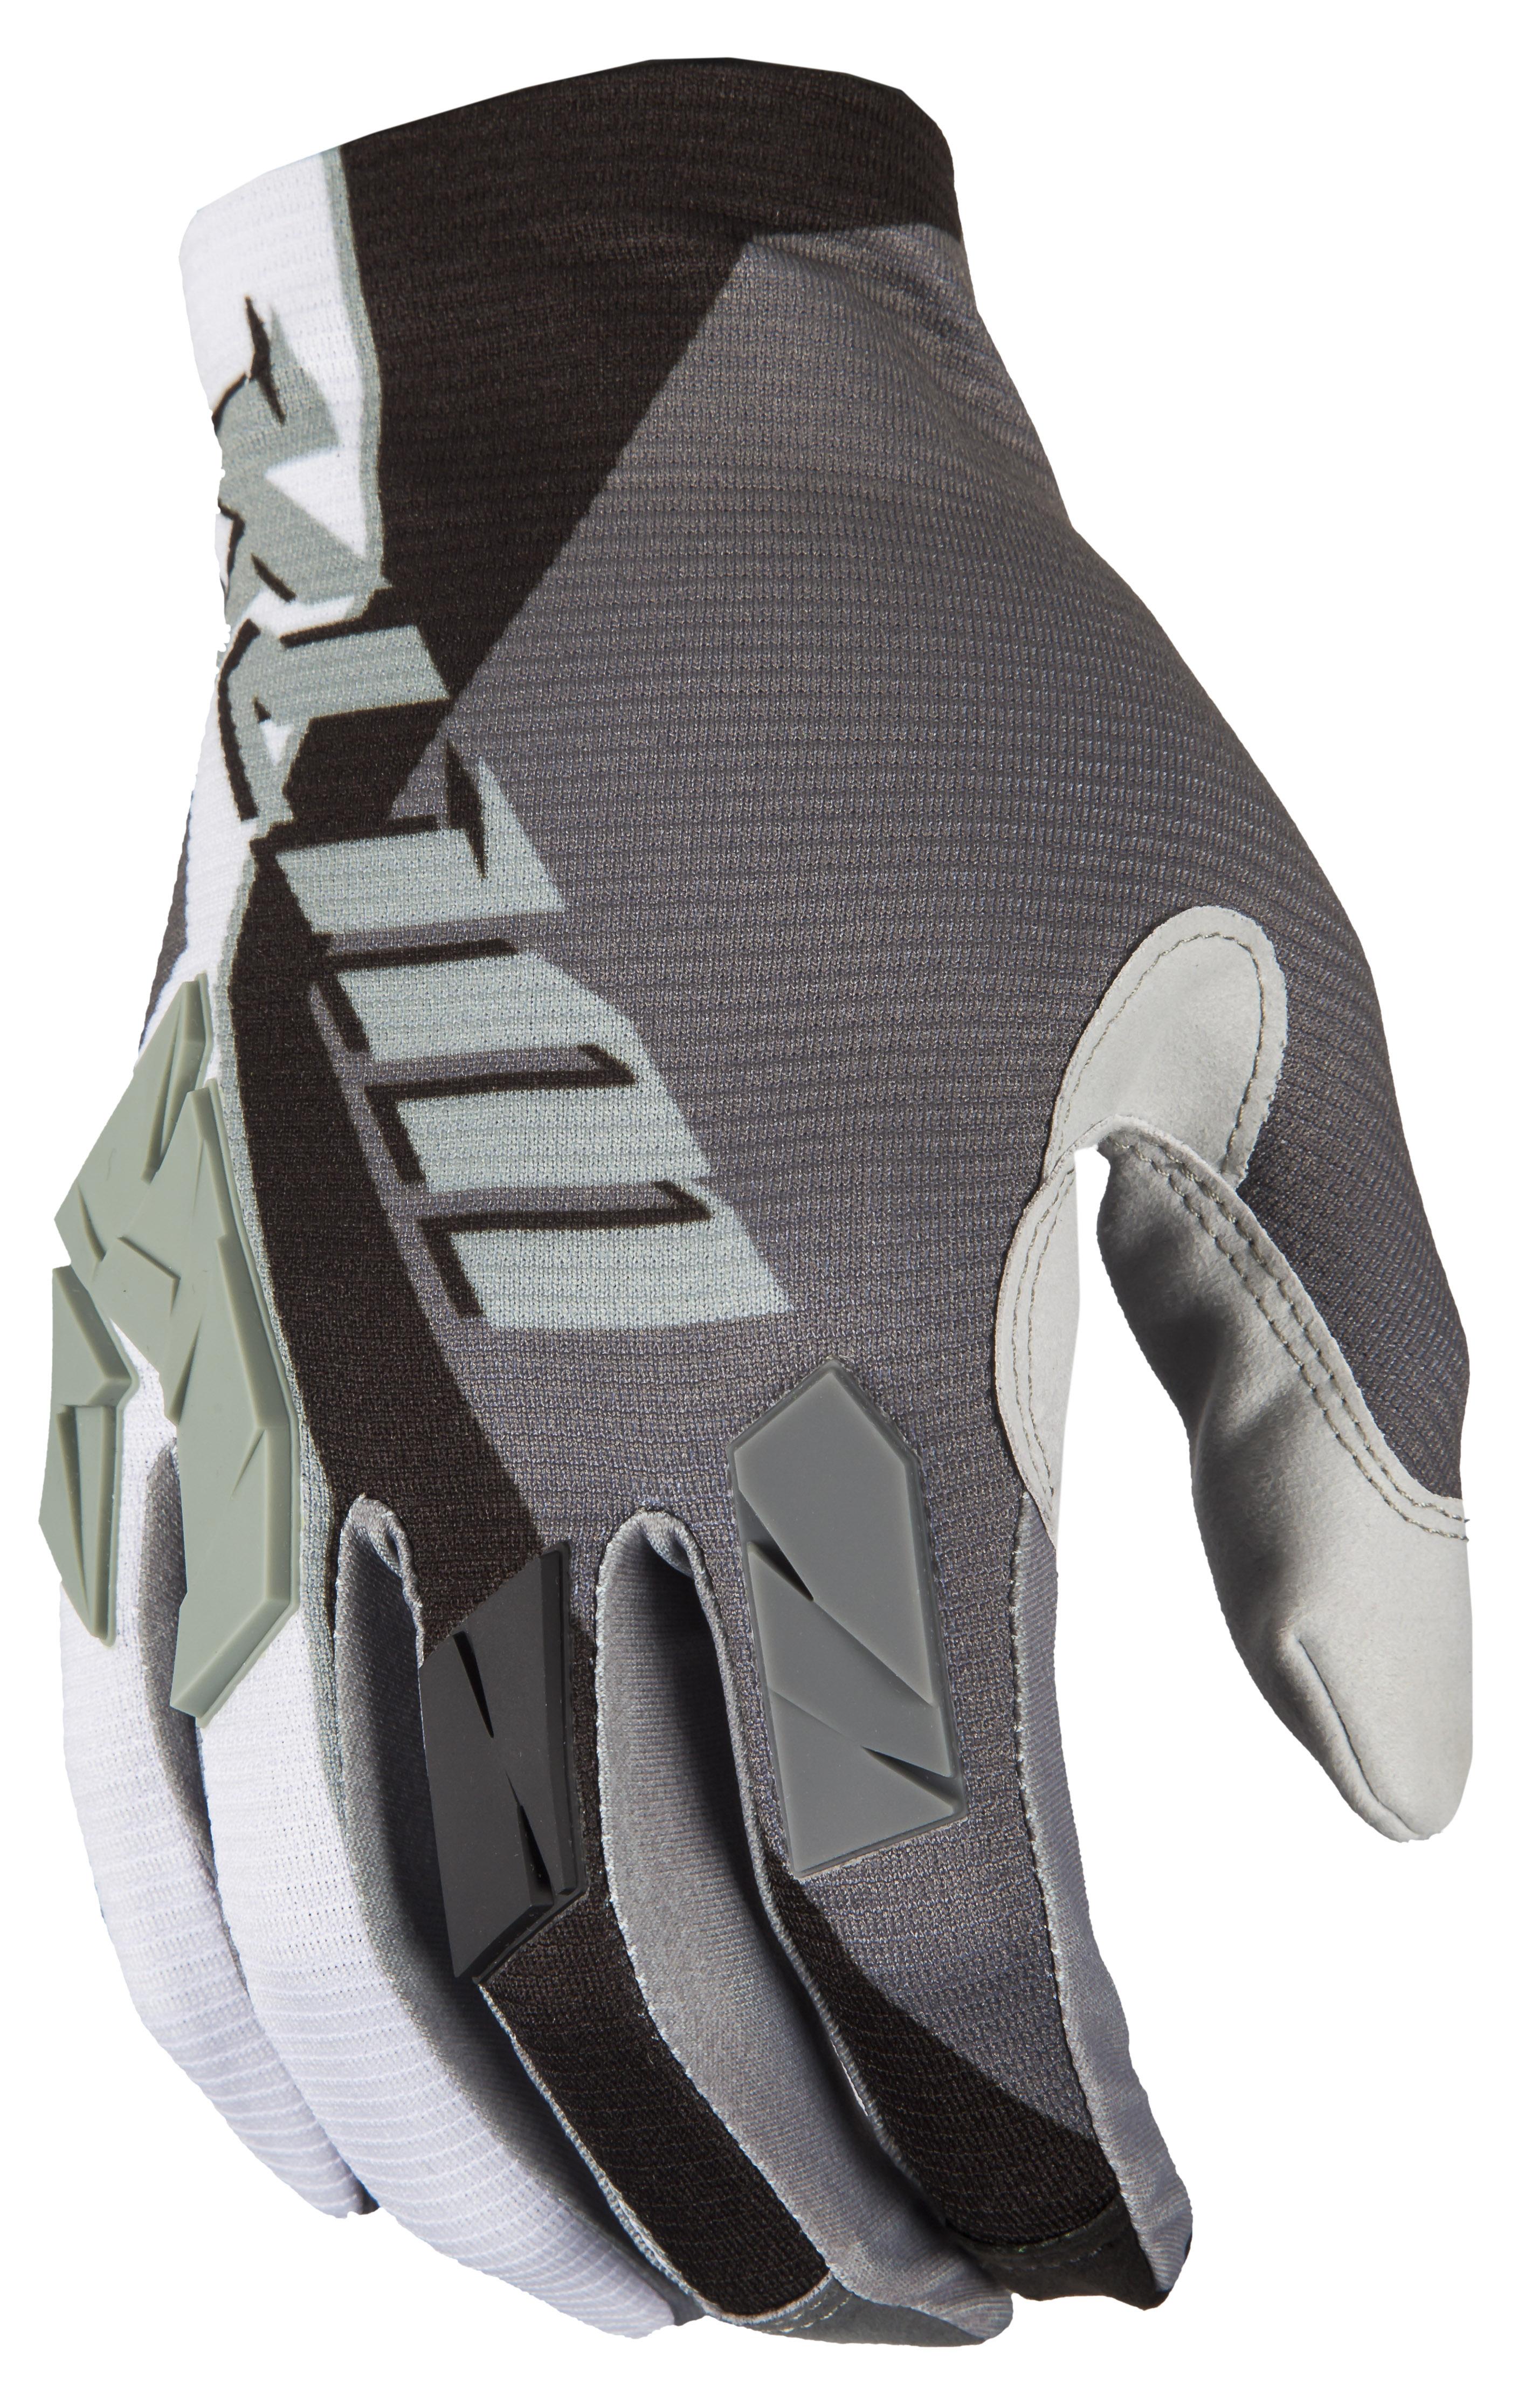 XC LITE Glove 5002-002-000